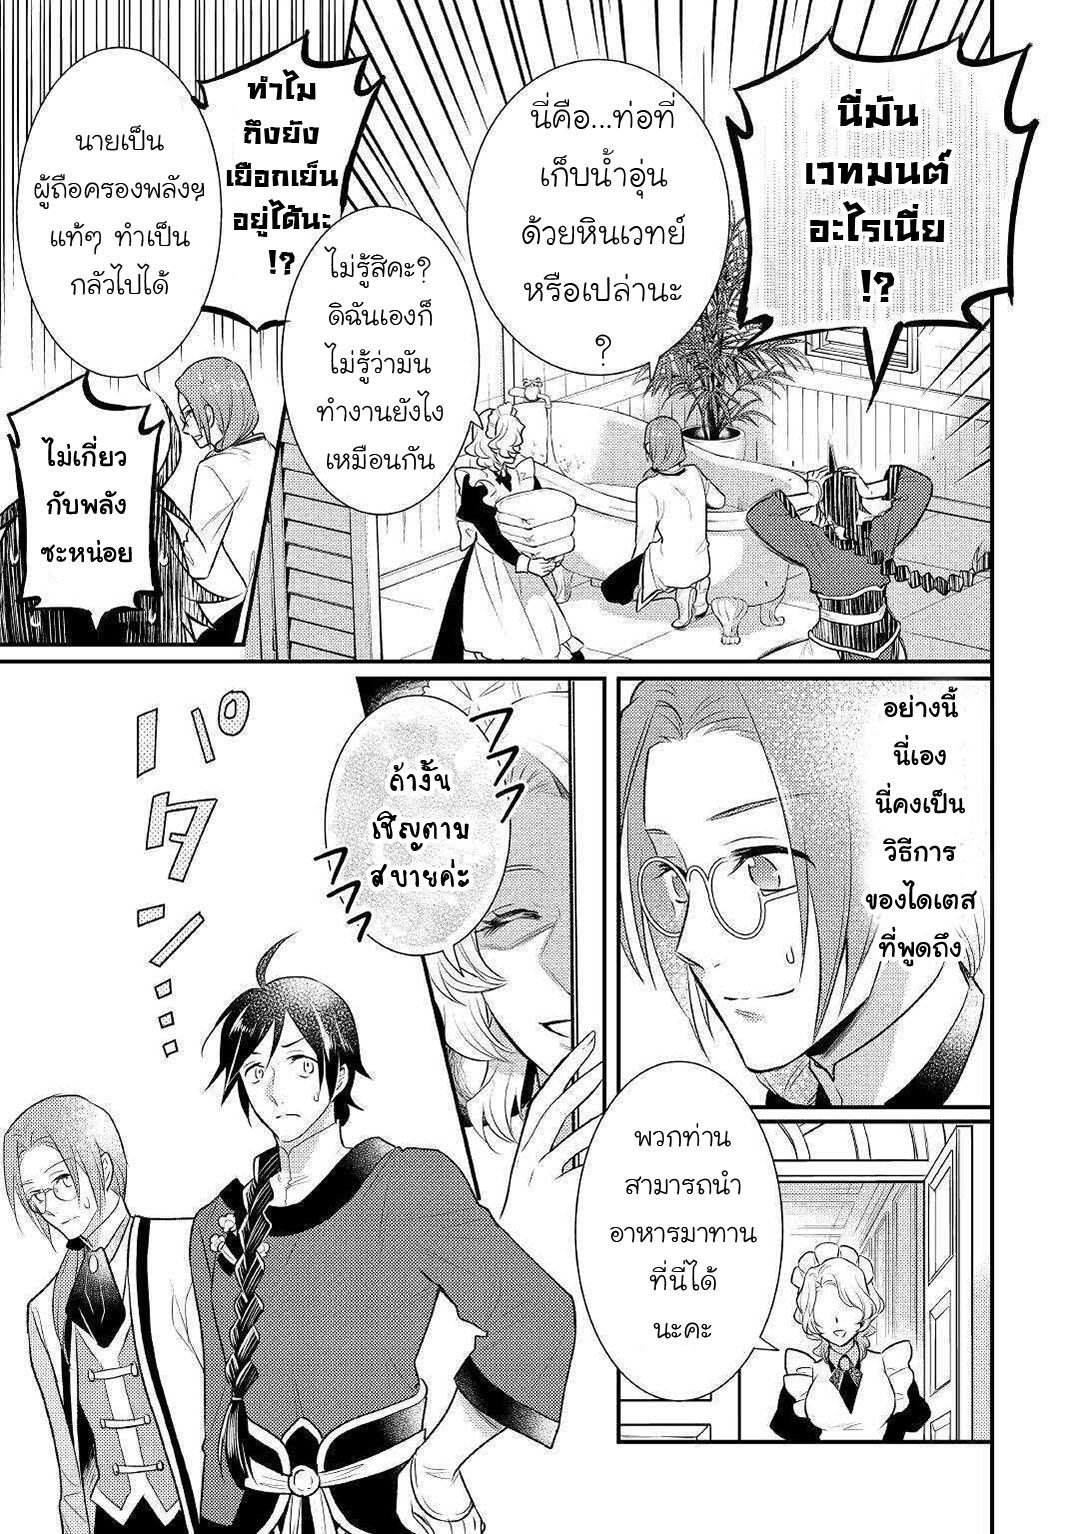 อ่านการ์ตูน Daites Ryou Koubouki ตอนที่ 27 หน้าที่ 21